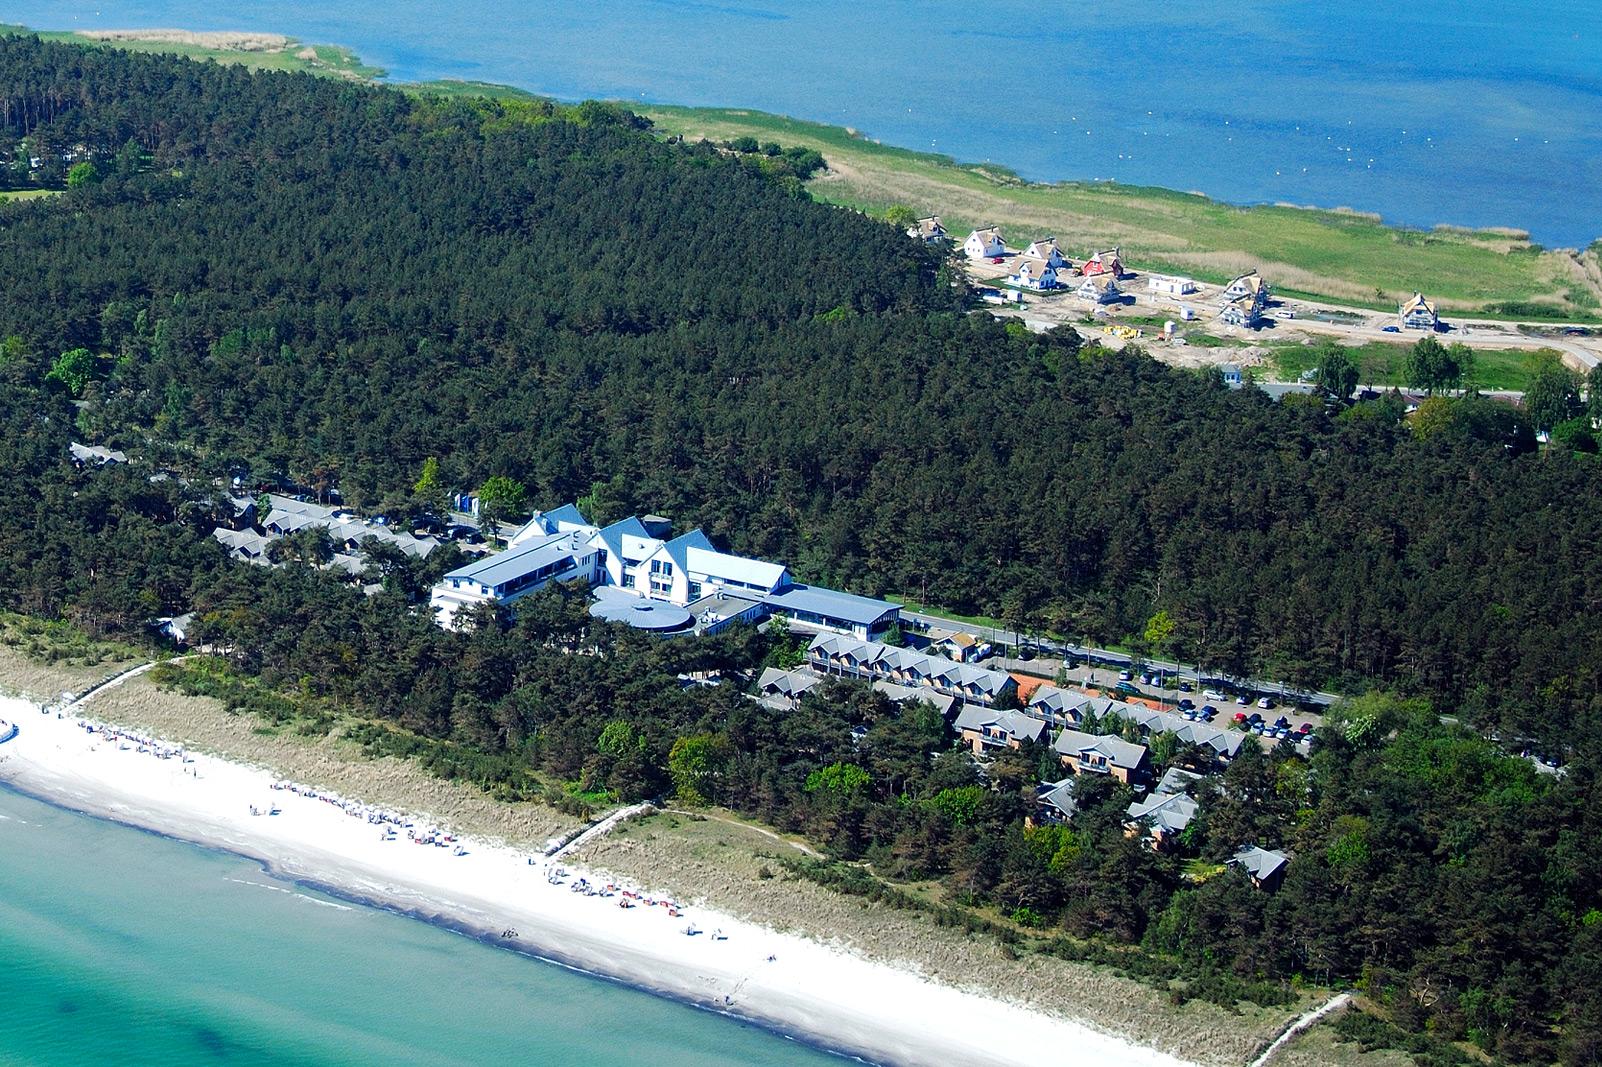 In dieser Umgebung kann man sich nur erholen / Quelle: Wohlfühlhotel im Ostseebad Juliusruh-Rügen; beauty24 GmbH